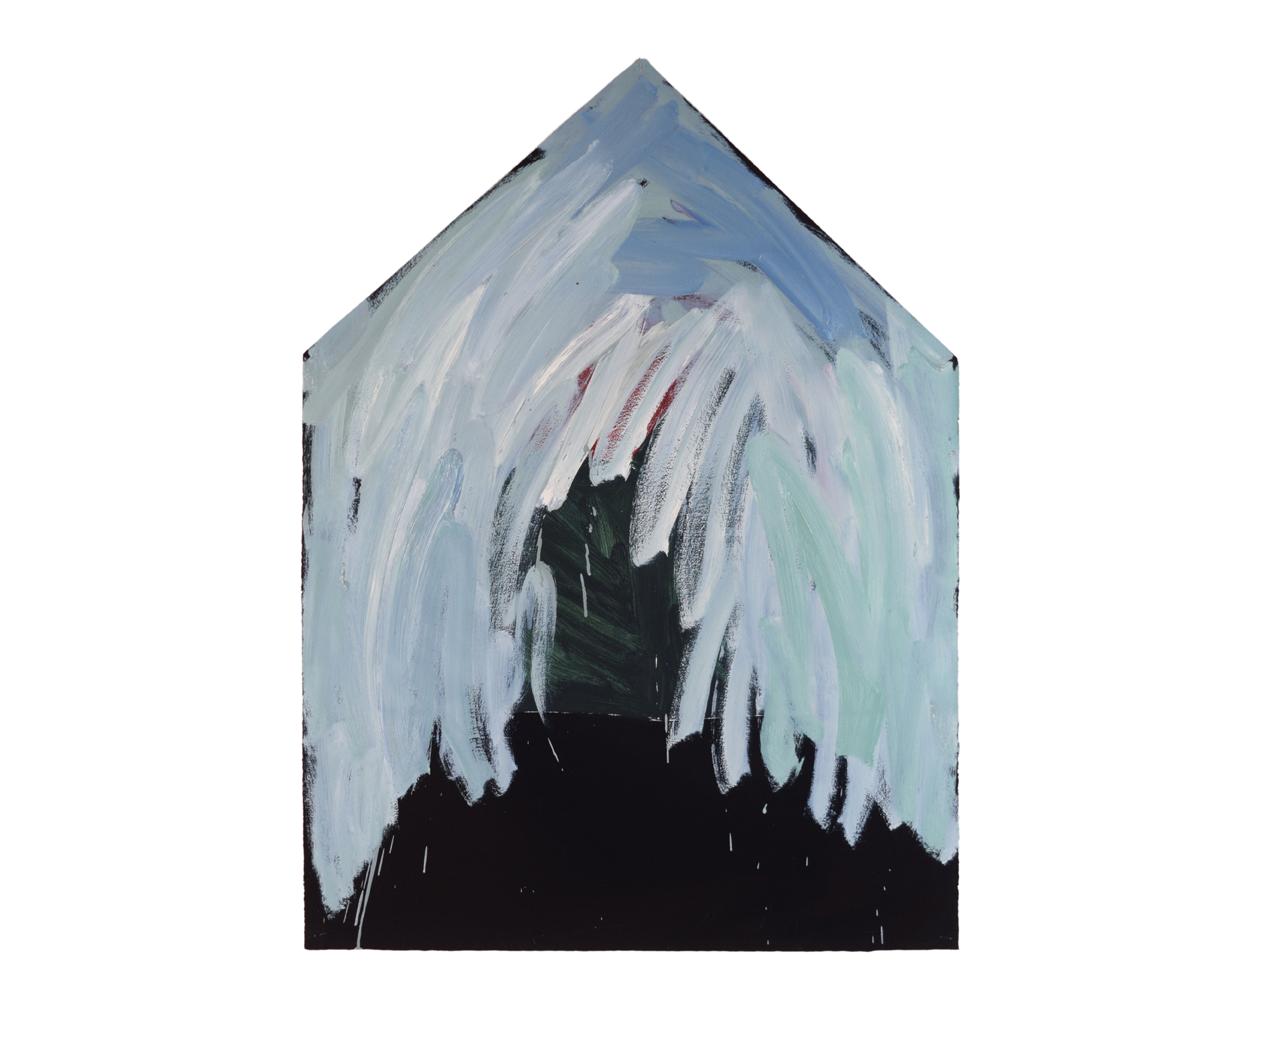 """Maison simple repeint blanc"""" 1981, peinture à l'huile sur papier, 106 x 79 cm - Photo Hadler/Stur"""